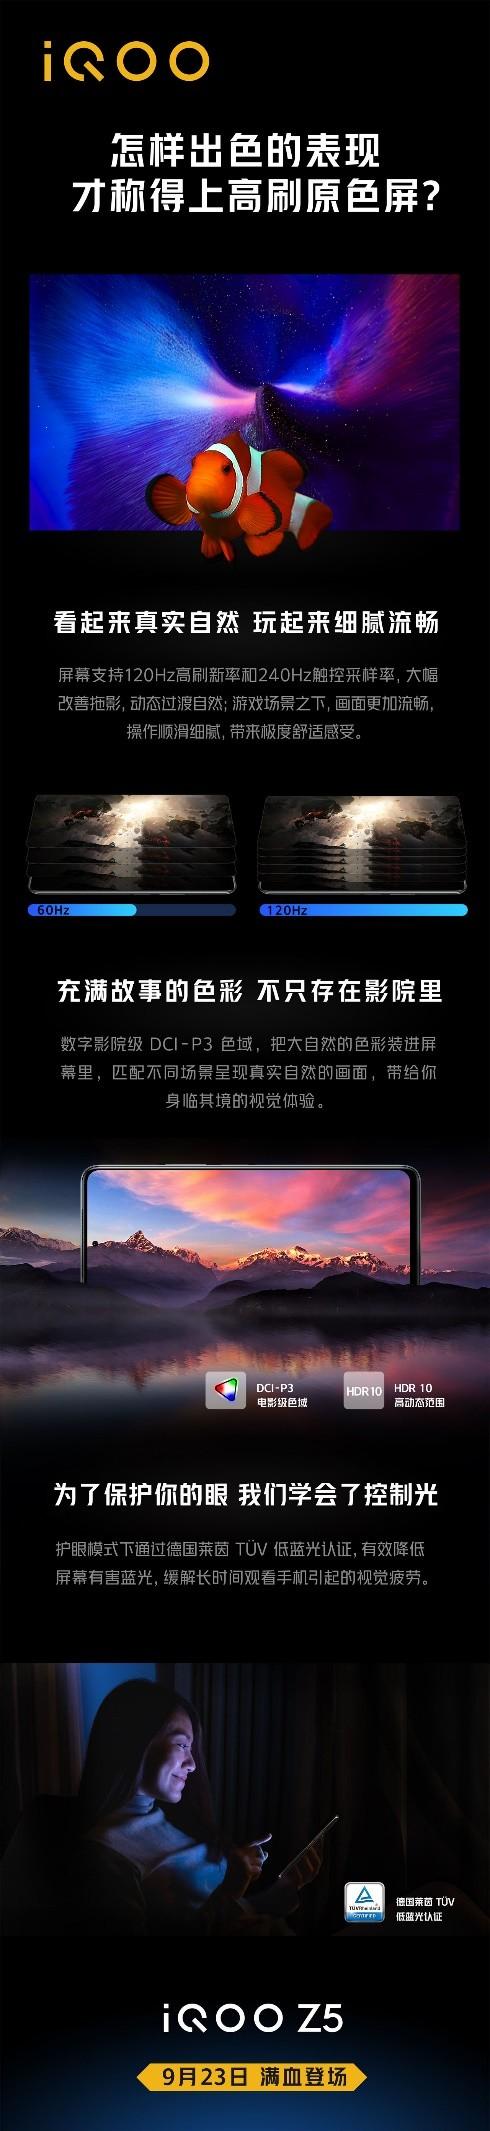 视听大升级:iQOO Z5确认搭载120Hz高刷原色屏、旗舰级立体双扬